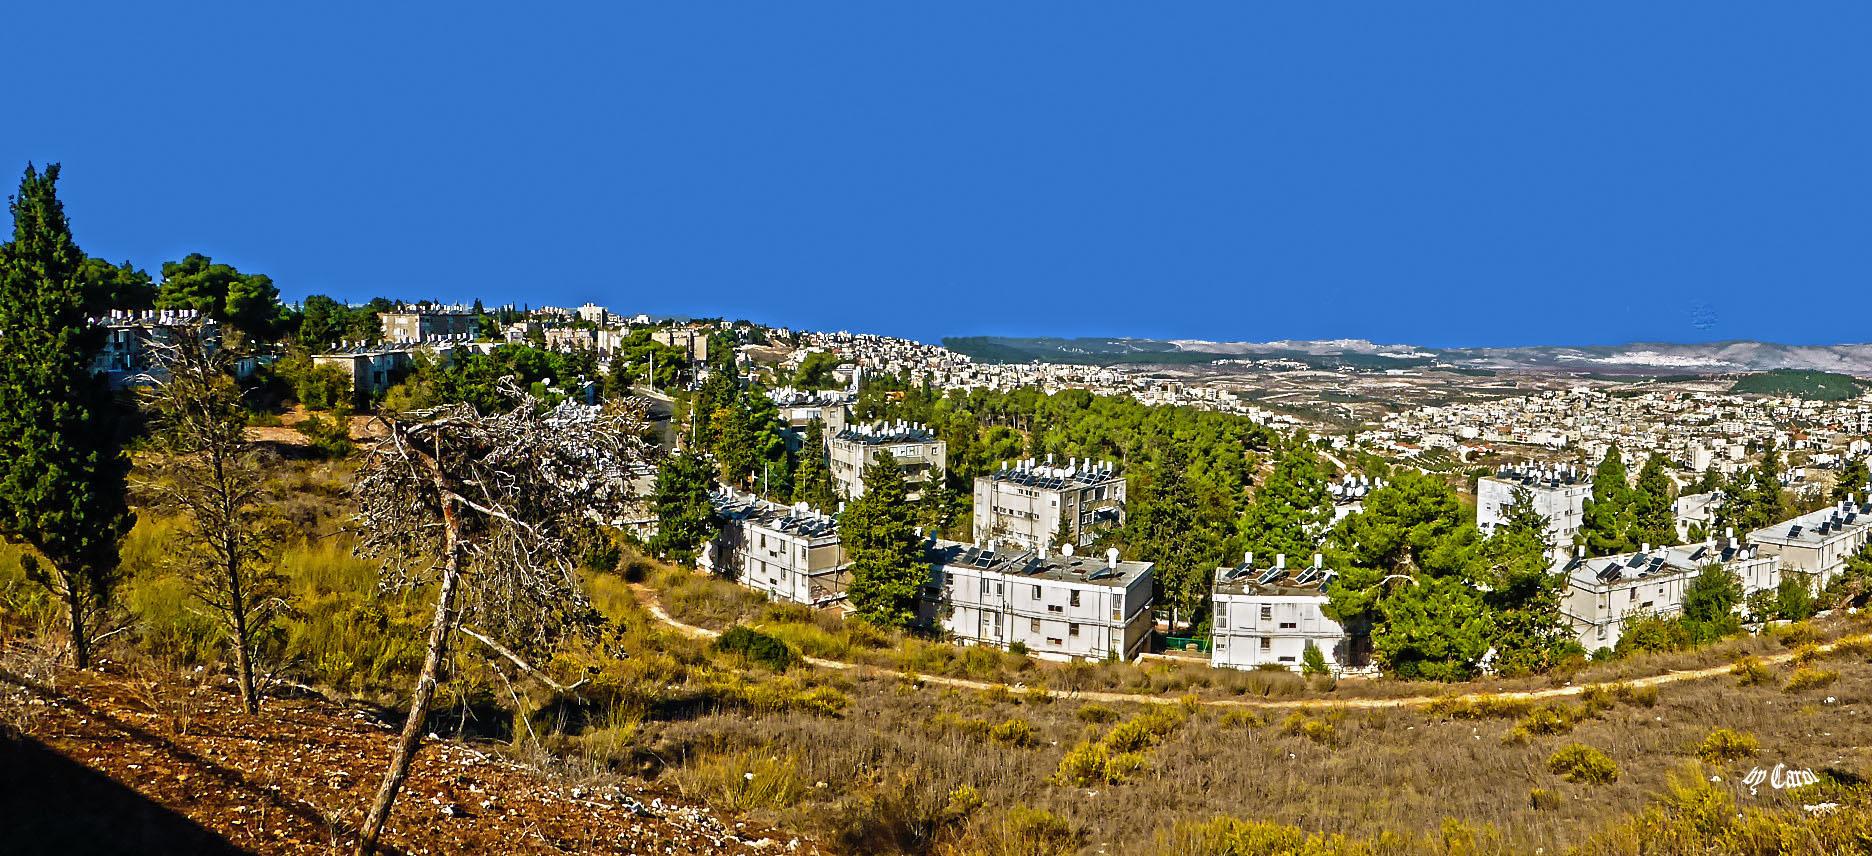 von Nazareth illit Berge bis weit zu Meer